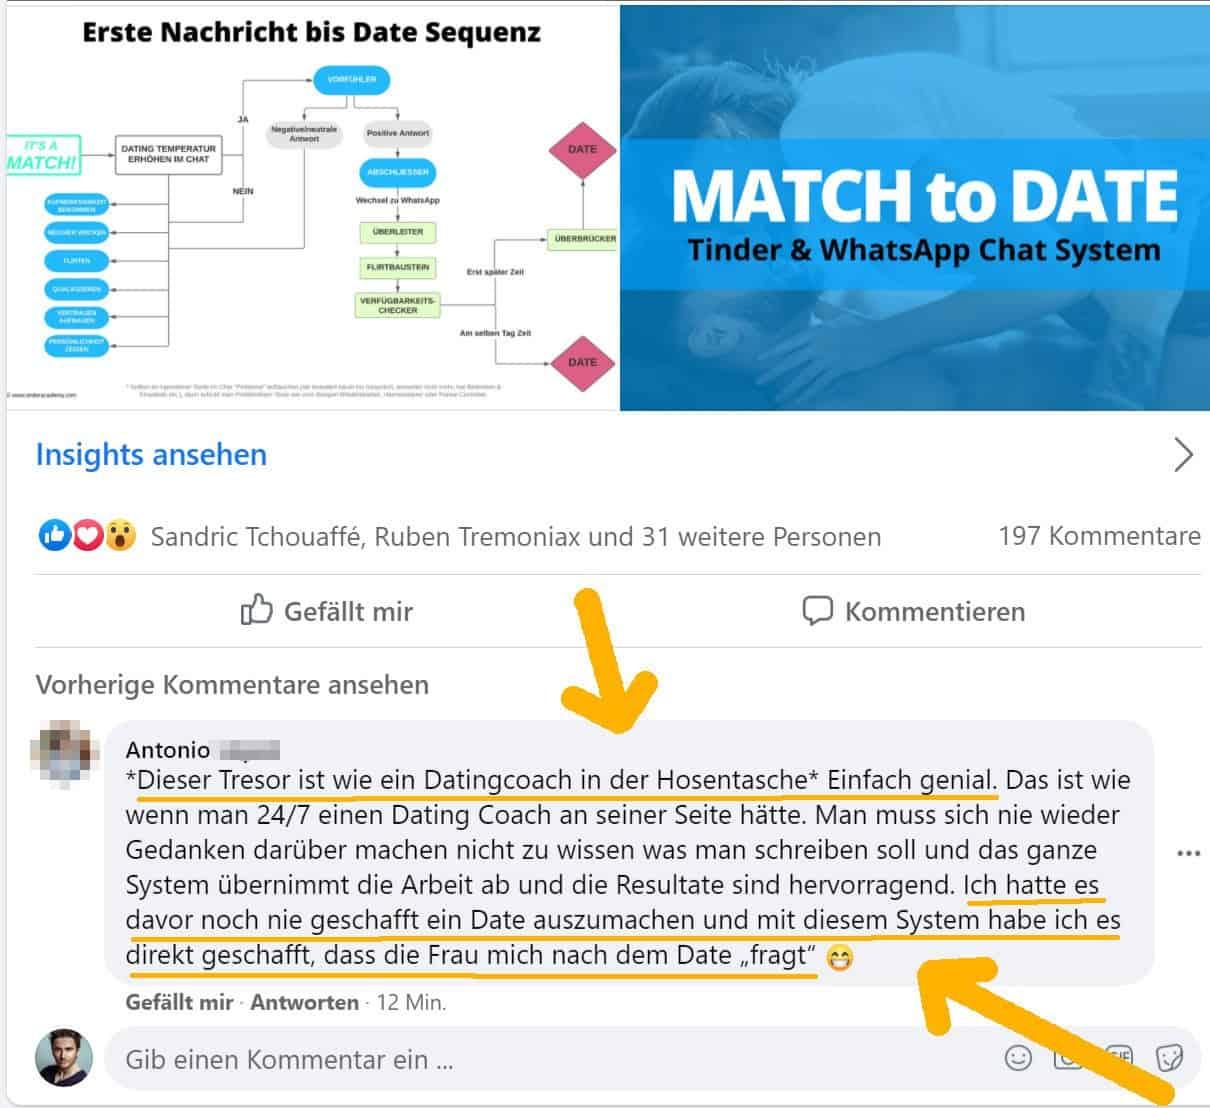 Erfahrungsbericht von jemandem aus der TinderAcademy zum Match to Date Text Tresor